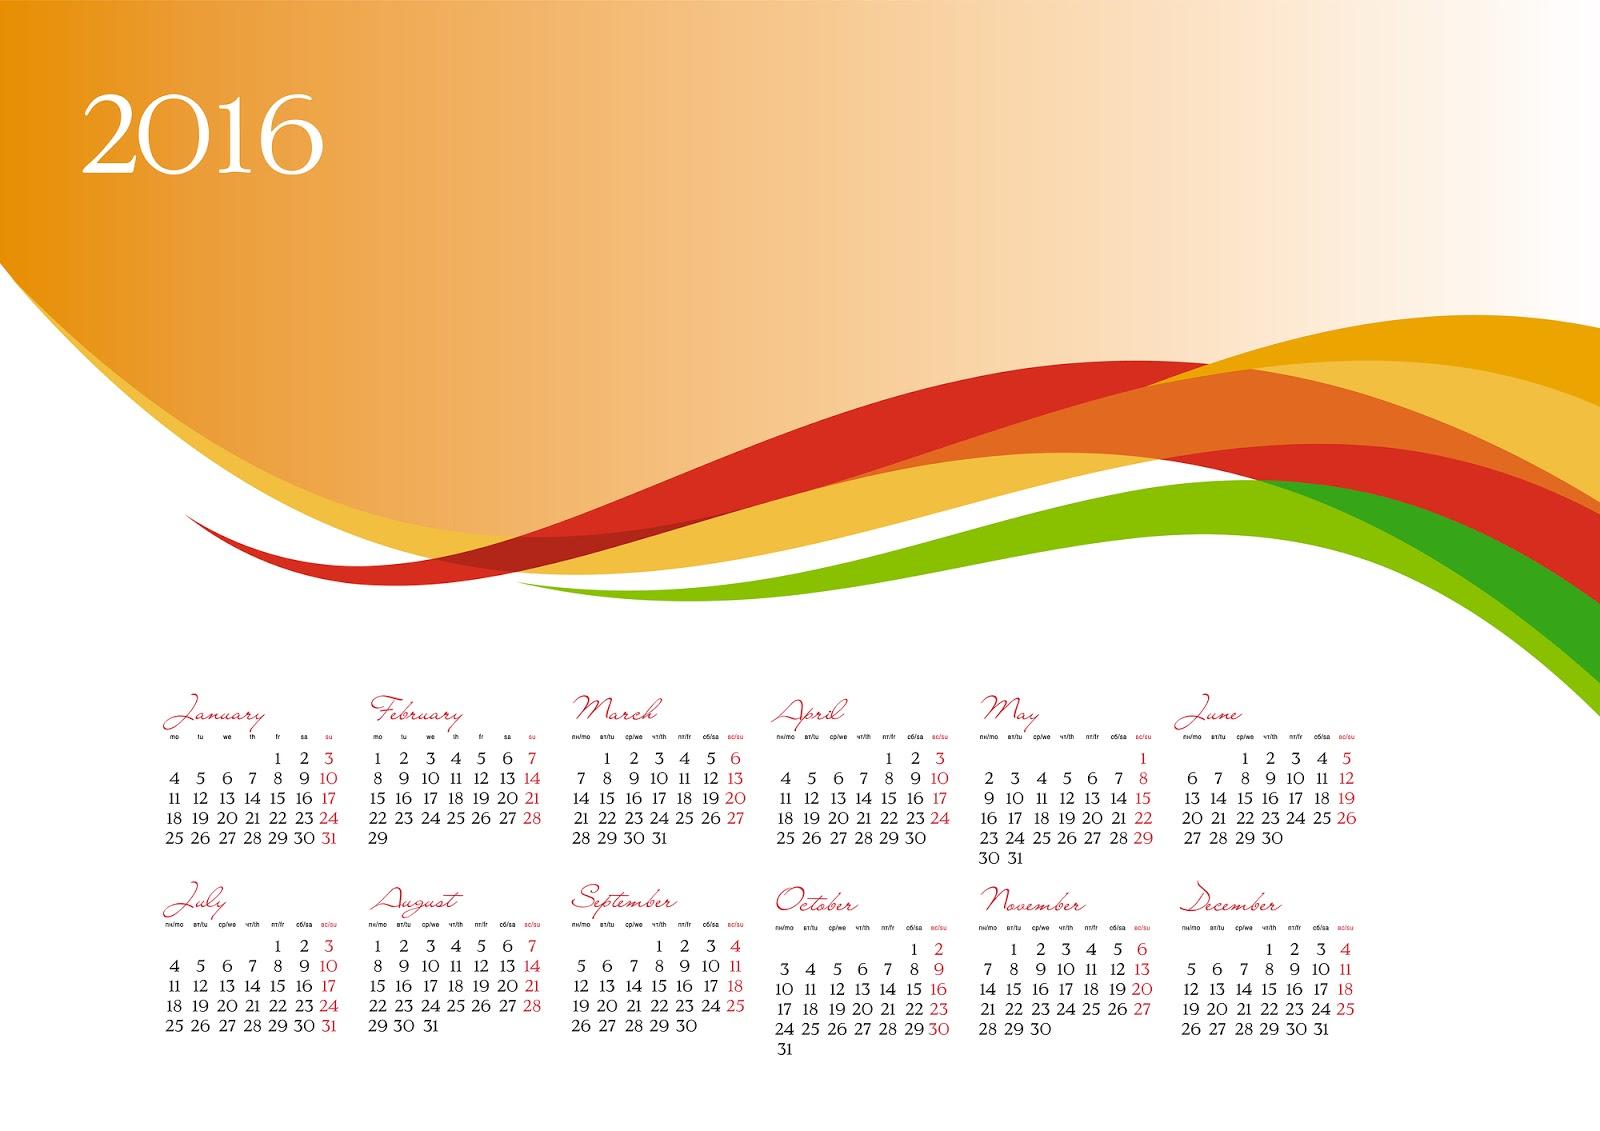 2016 Year Calendar Wallpaper Download 2016 Calendar by Month 1600x1131